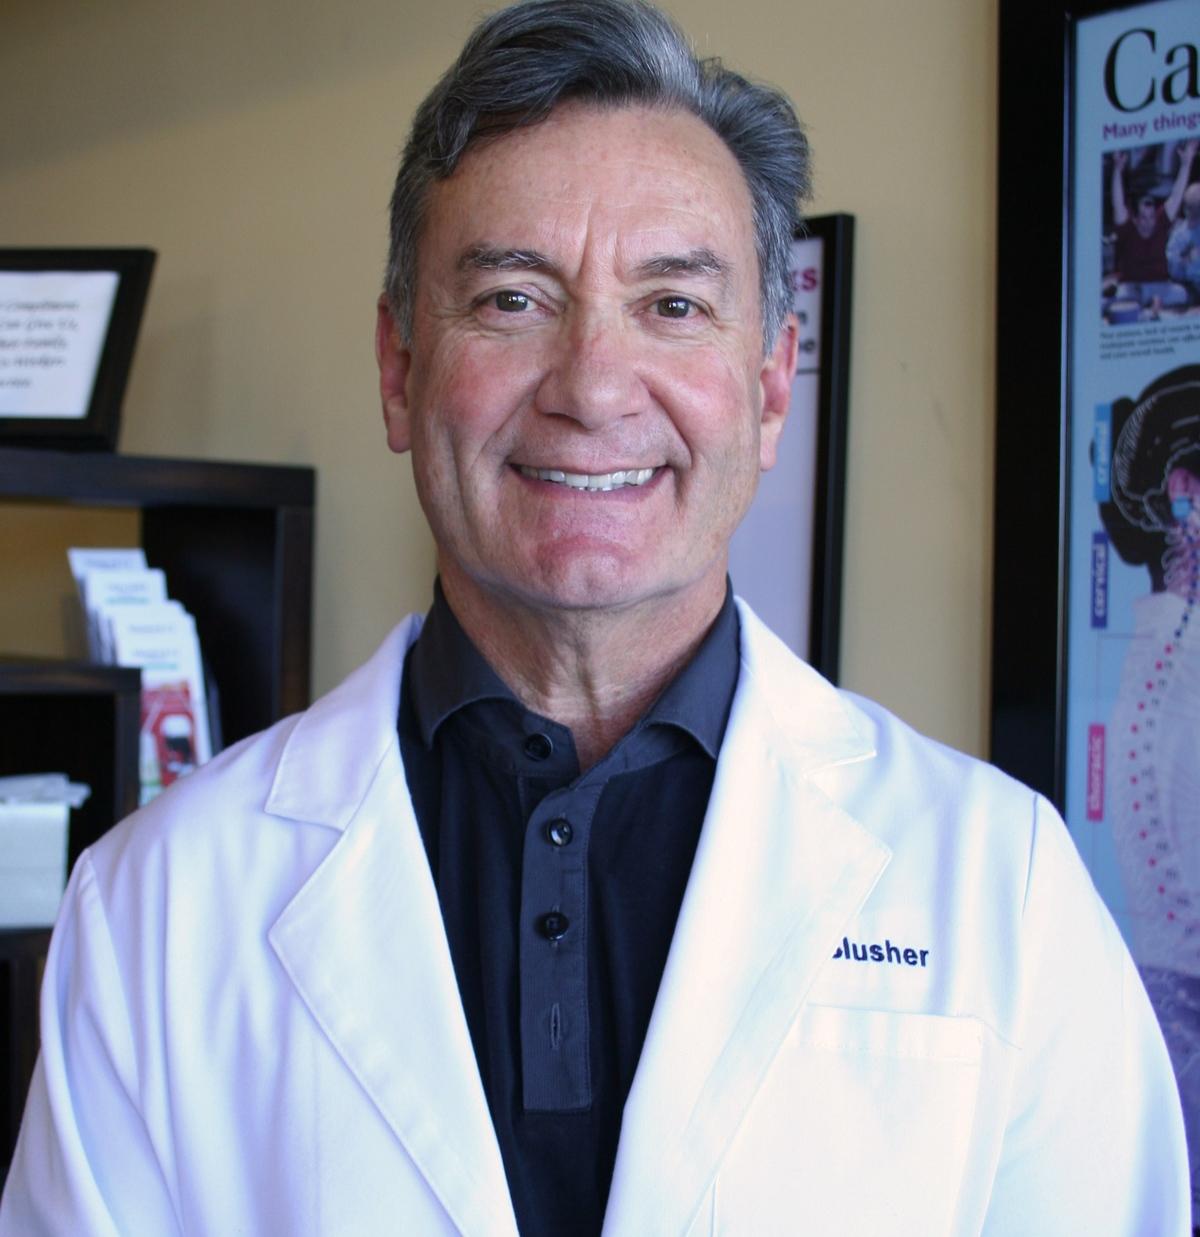 Dr. James Slusher